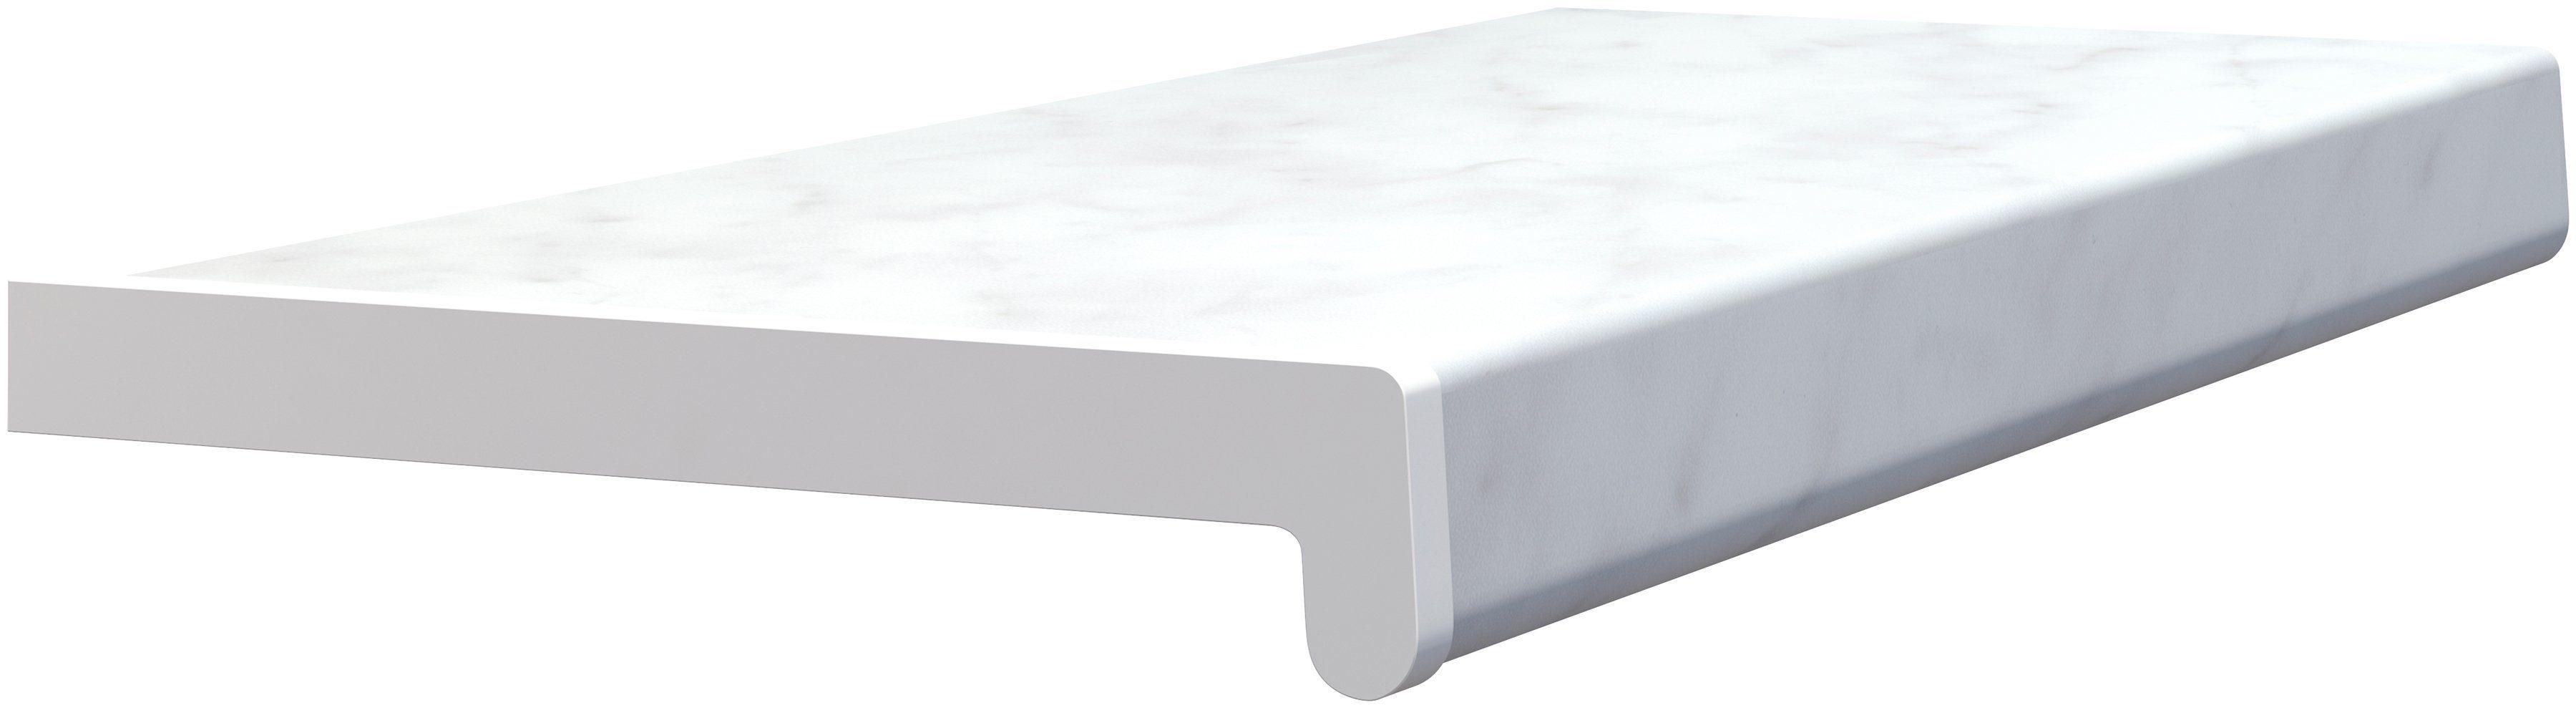 BAUKULIT Fensterbank , LxT: 200x30 cm, Marmor